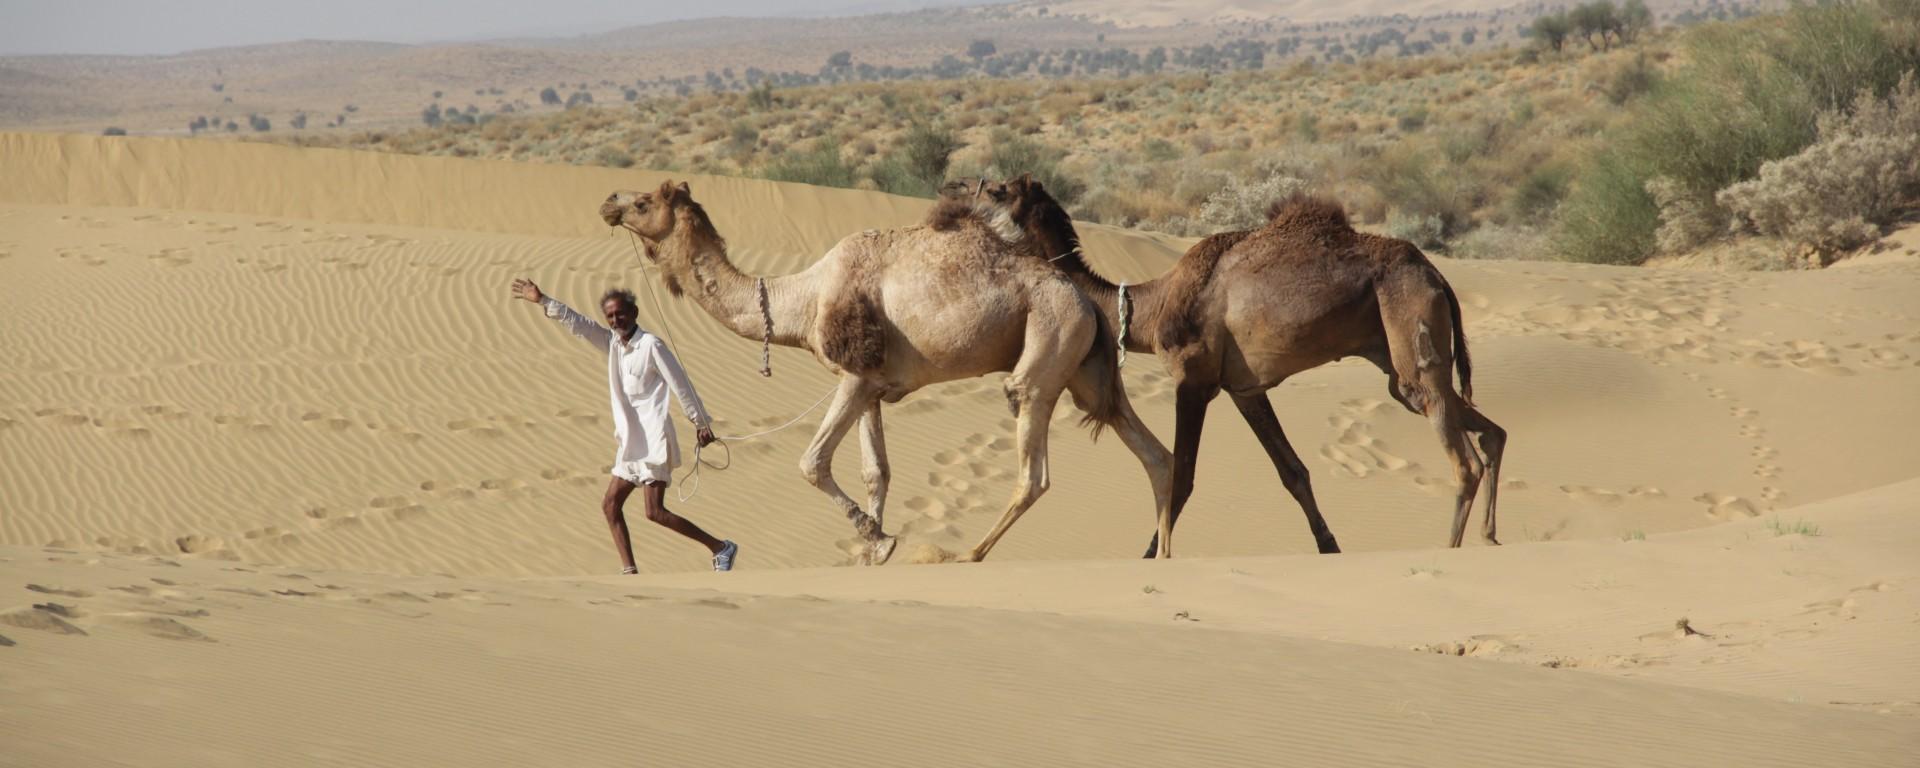 Notre guide Abey parade dans les dunes du désert du Thar avec deux de ses chameaux, Mickaël et Raju (© Jérôme Decoster).